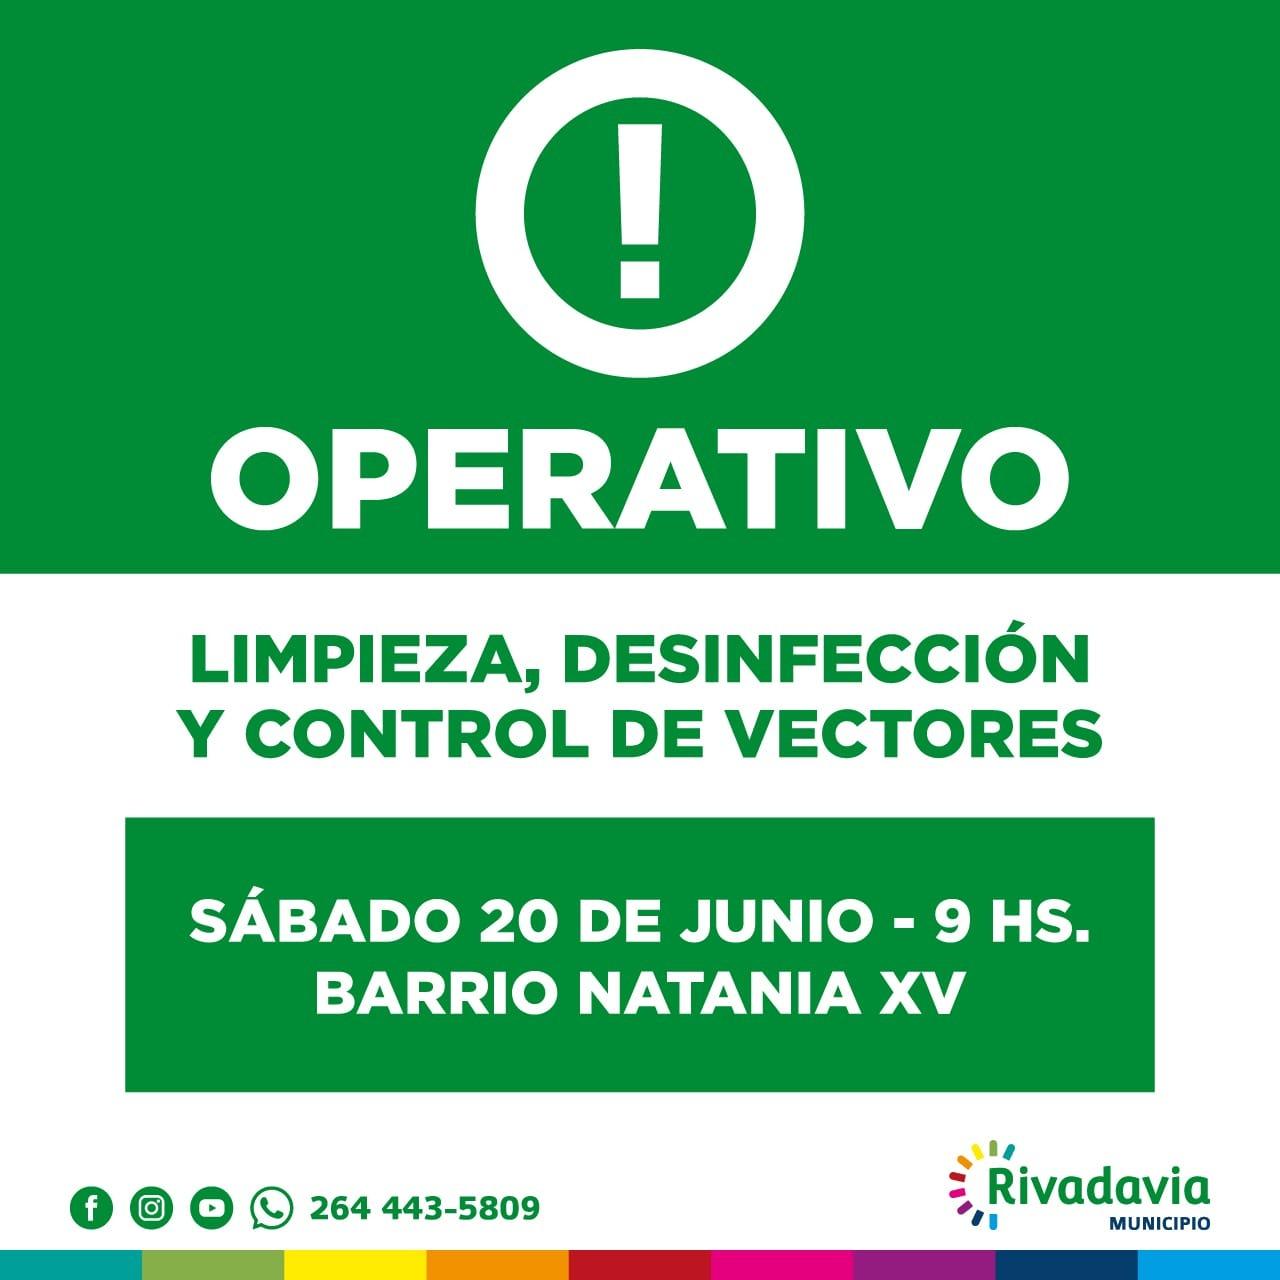 Rivadavia: Operativo de limpieza en el Barrio Natania XV